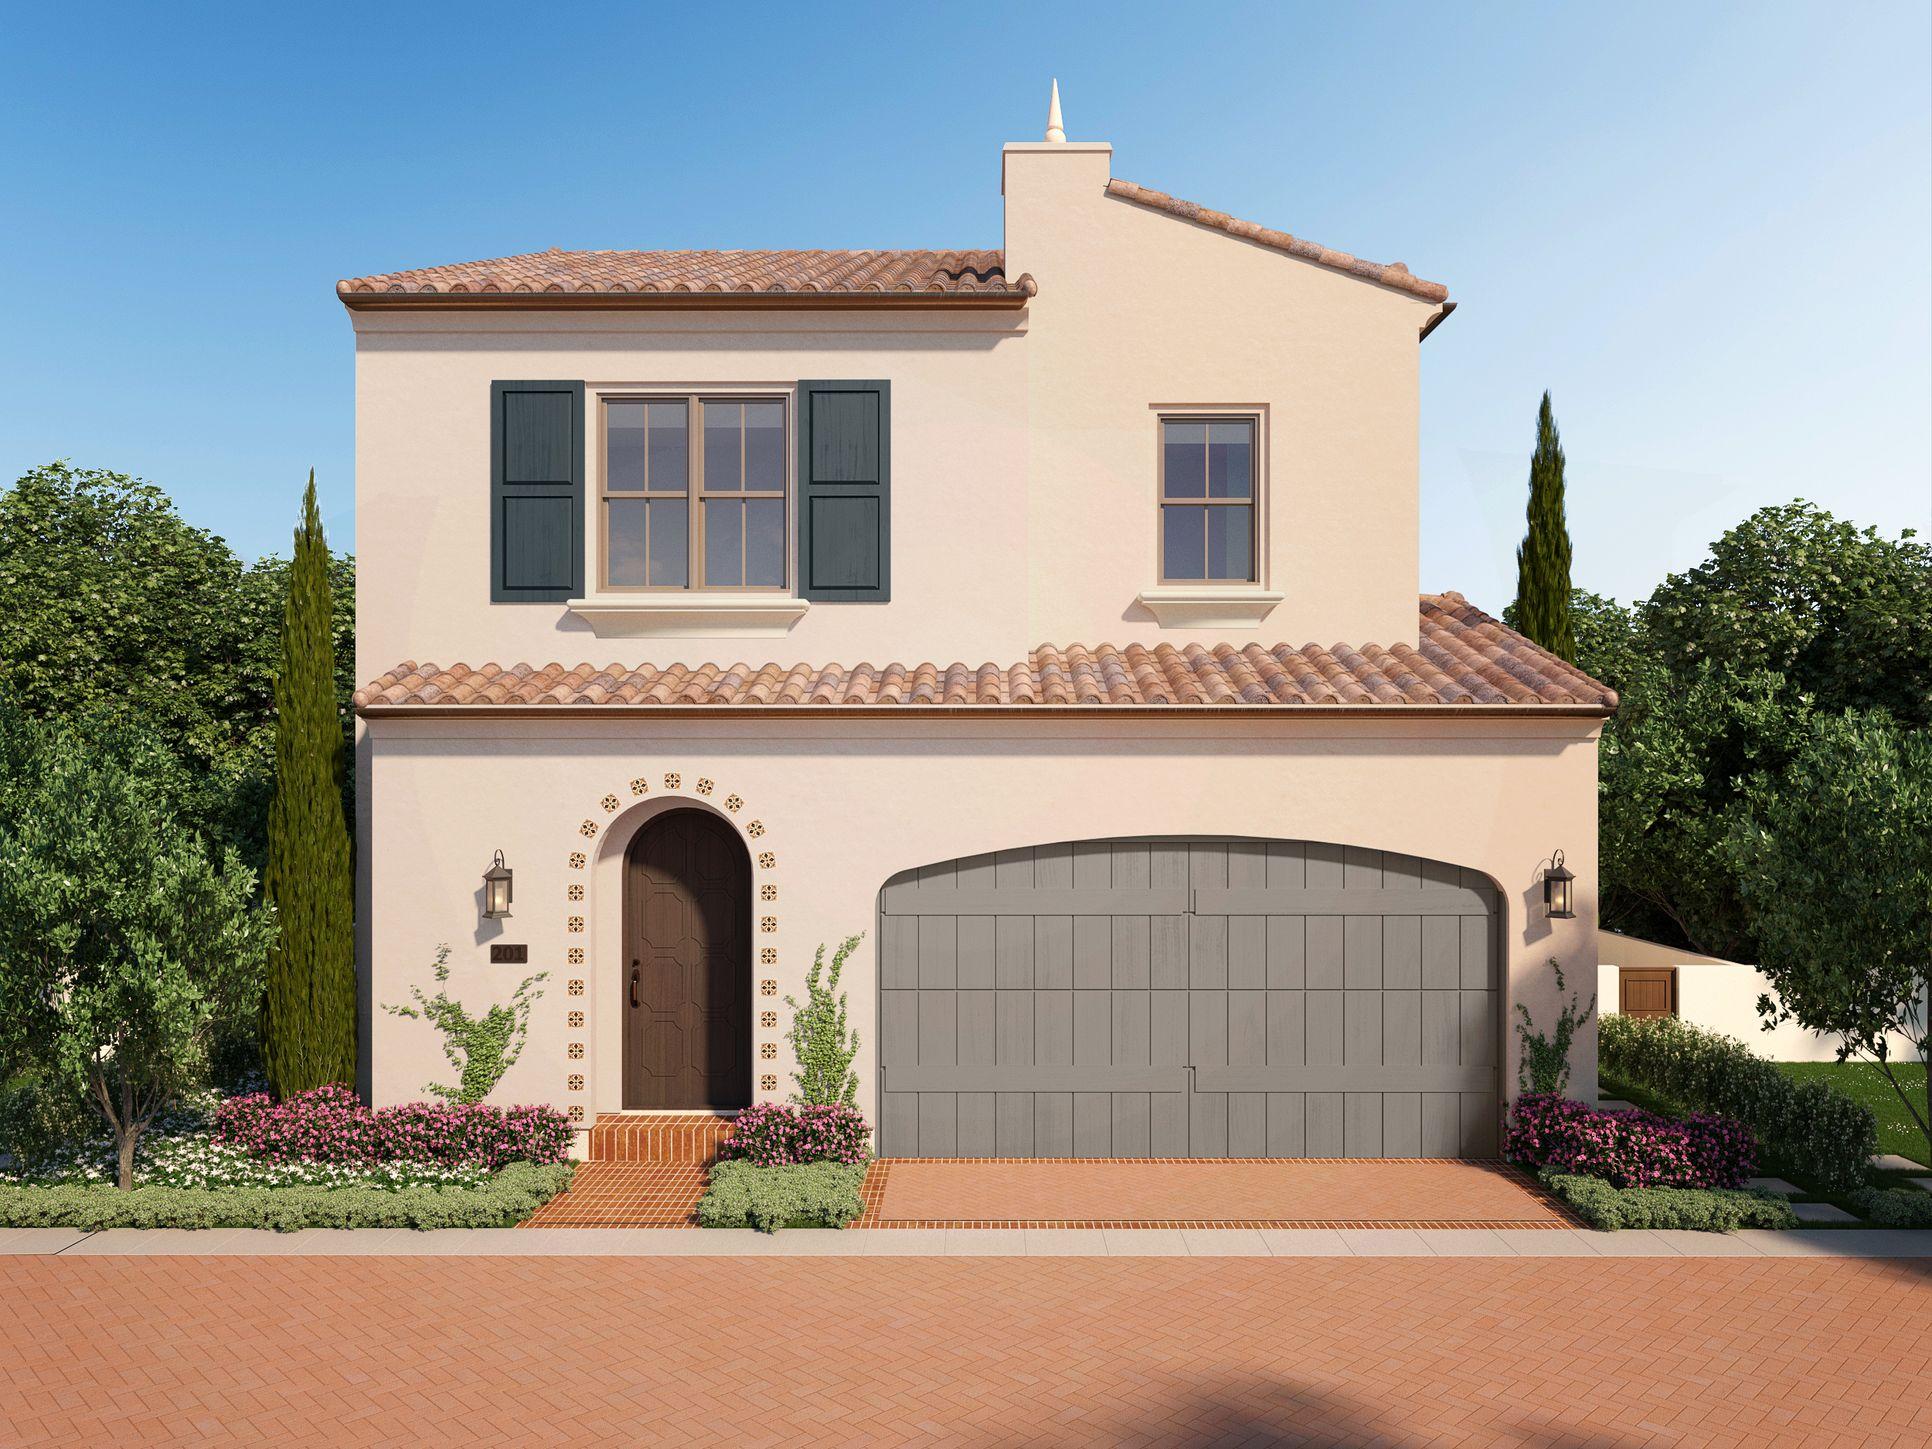 Residence 1 at Hillside - Santa Barbara Style:Santa Barbara